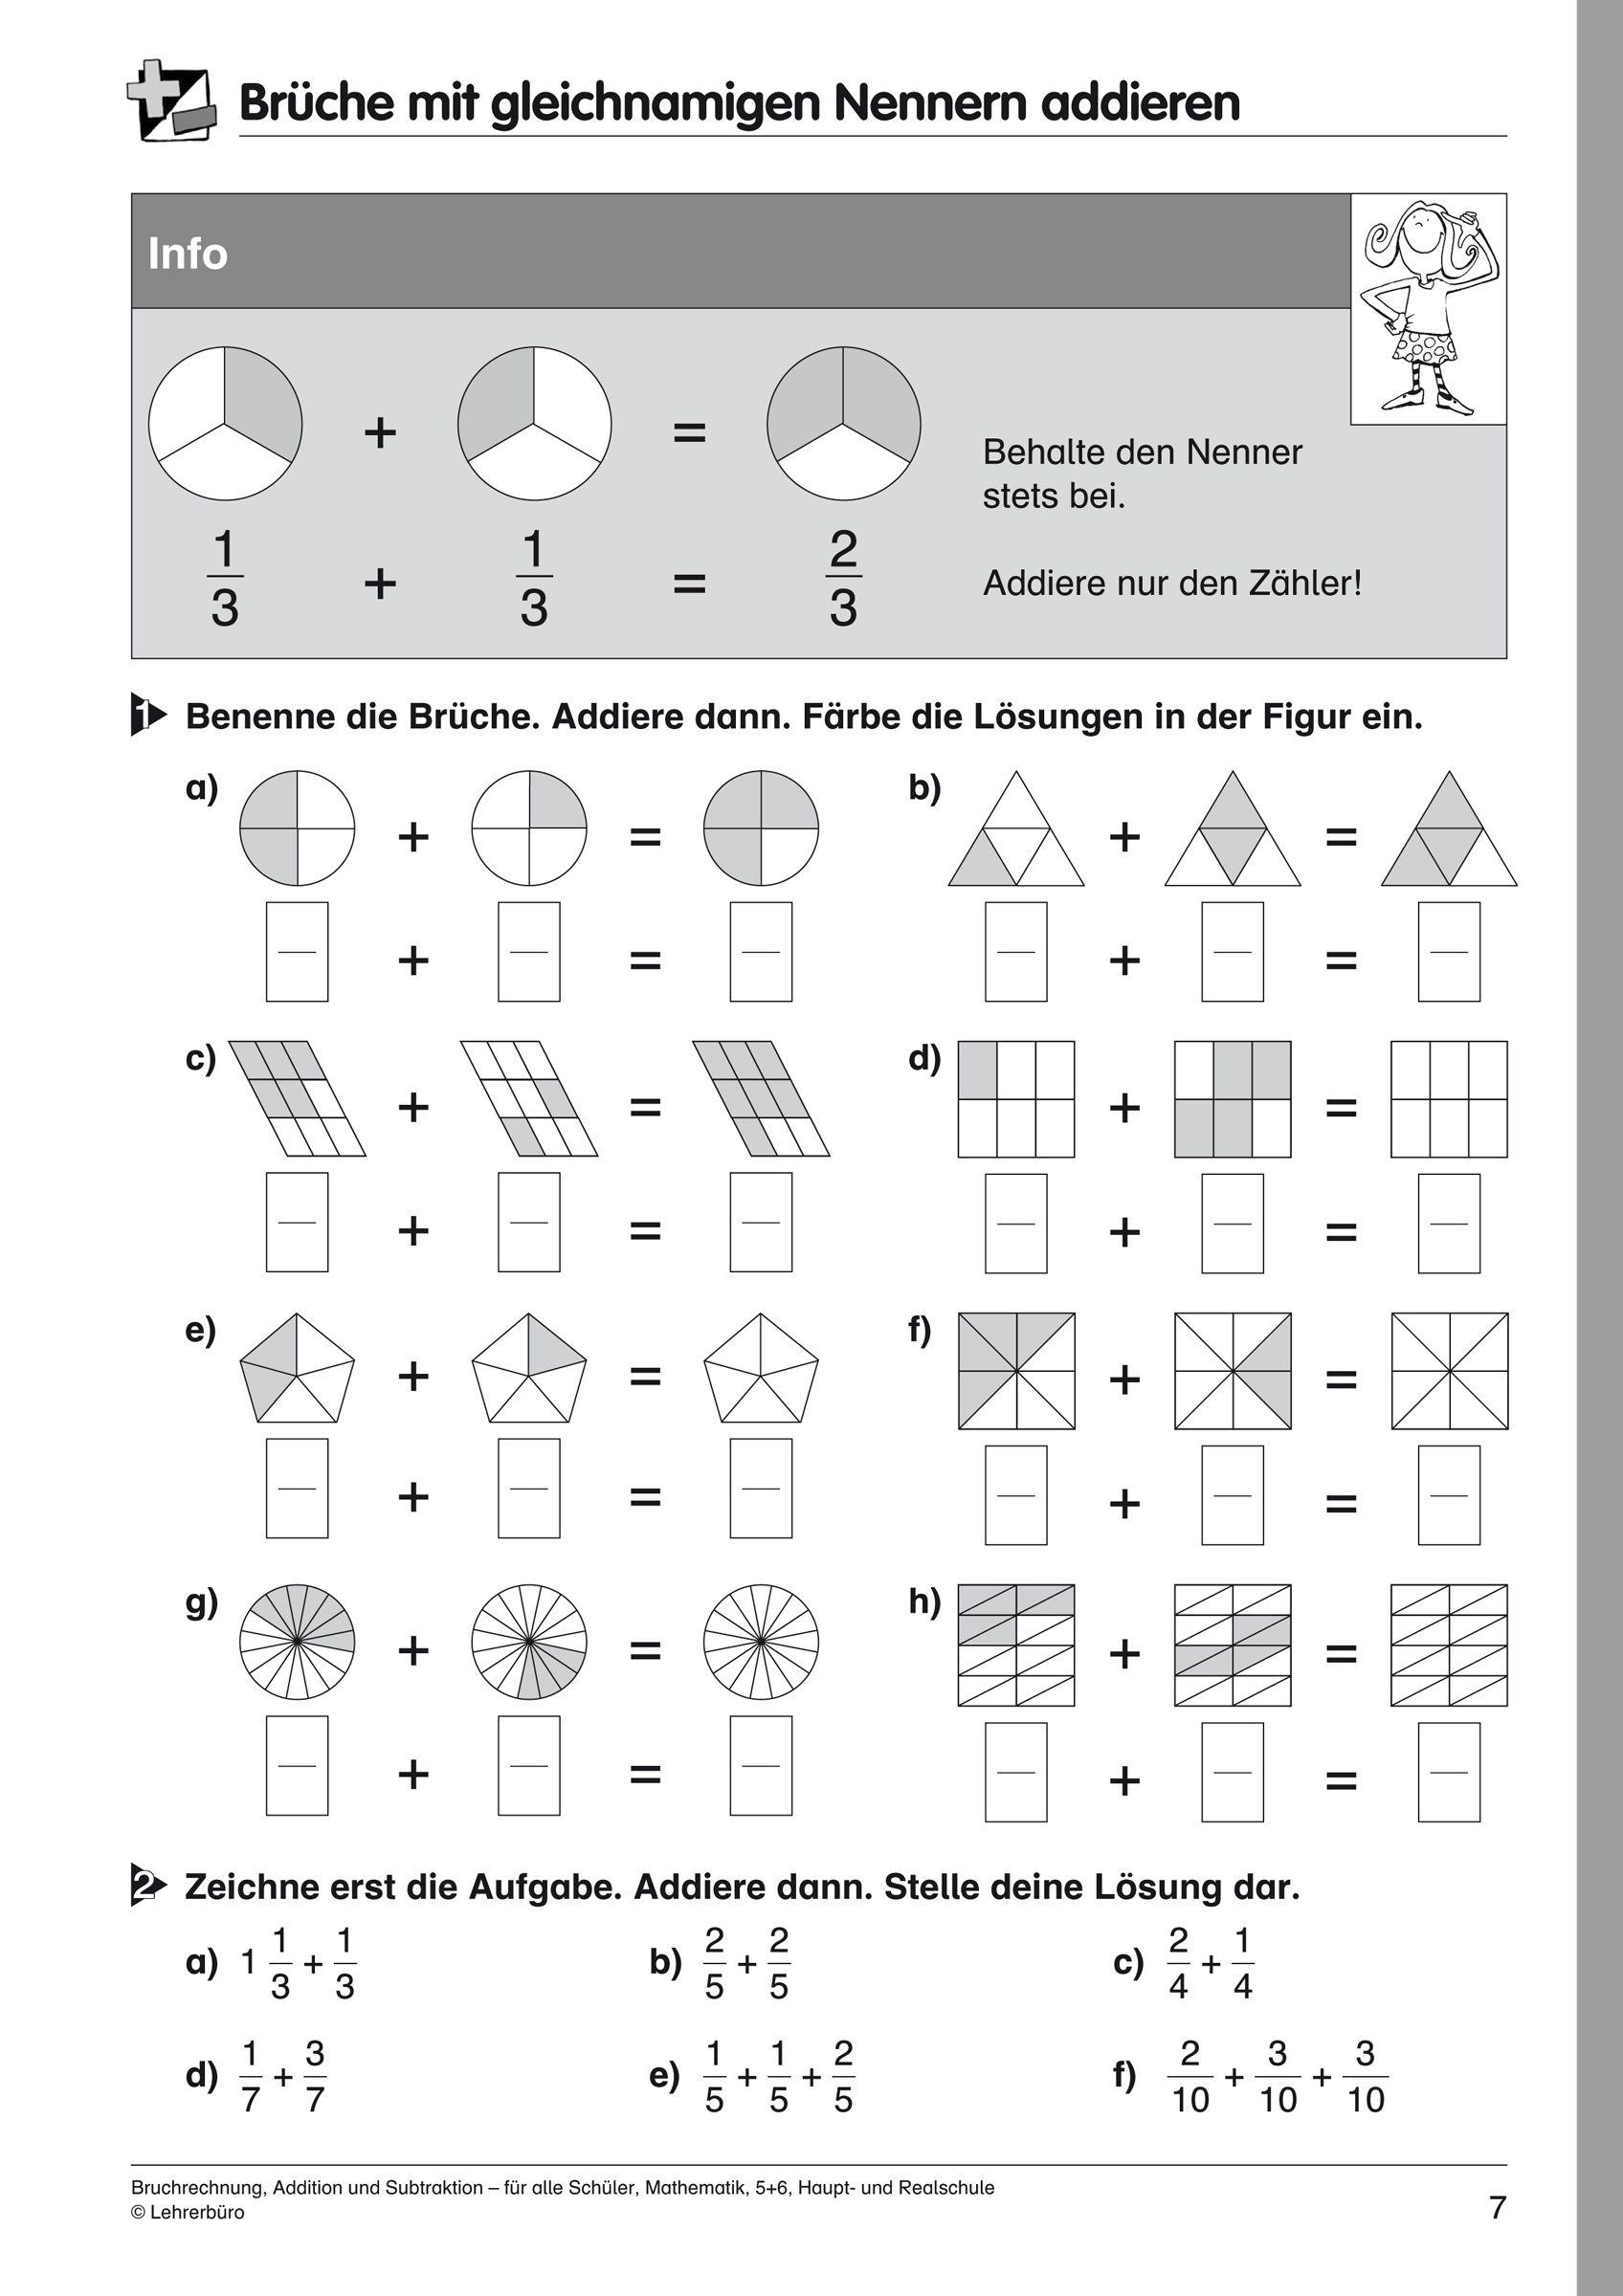 27 Vereinfachte Bruche Arbeitsblatt